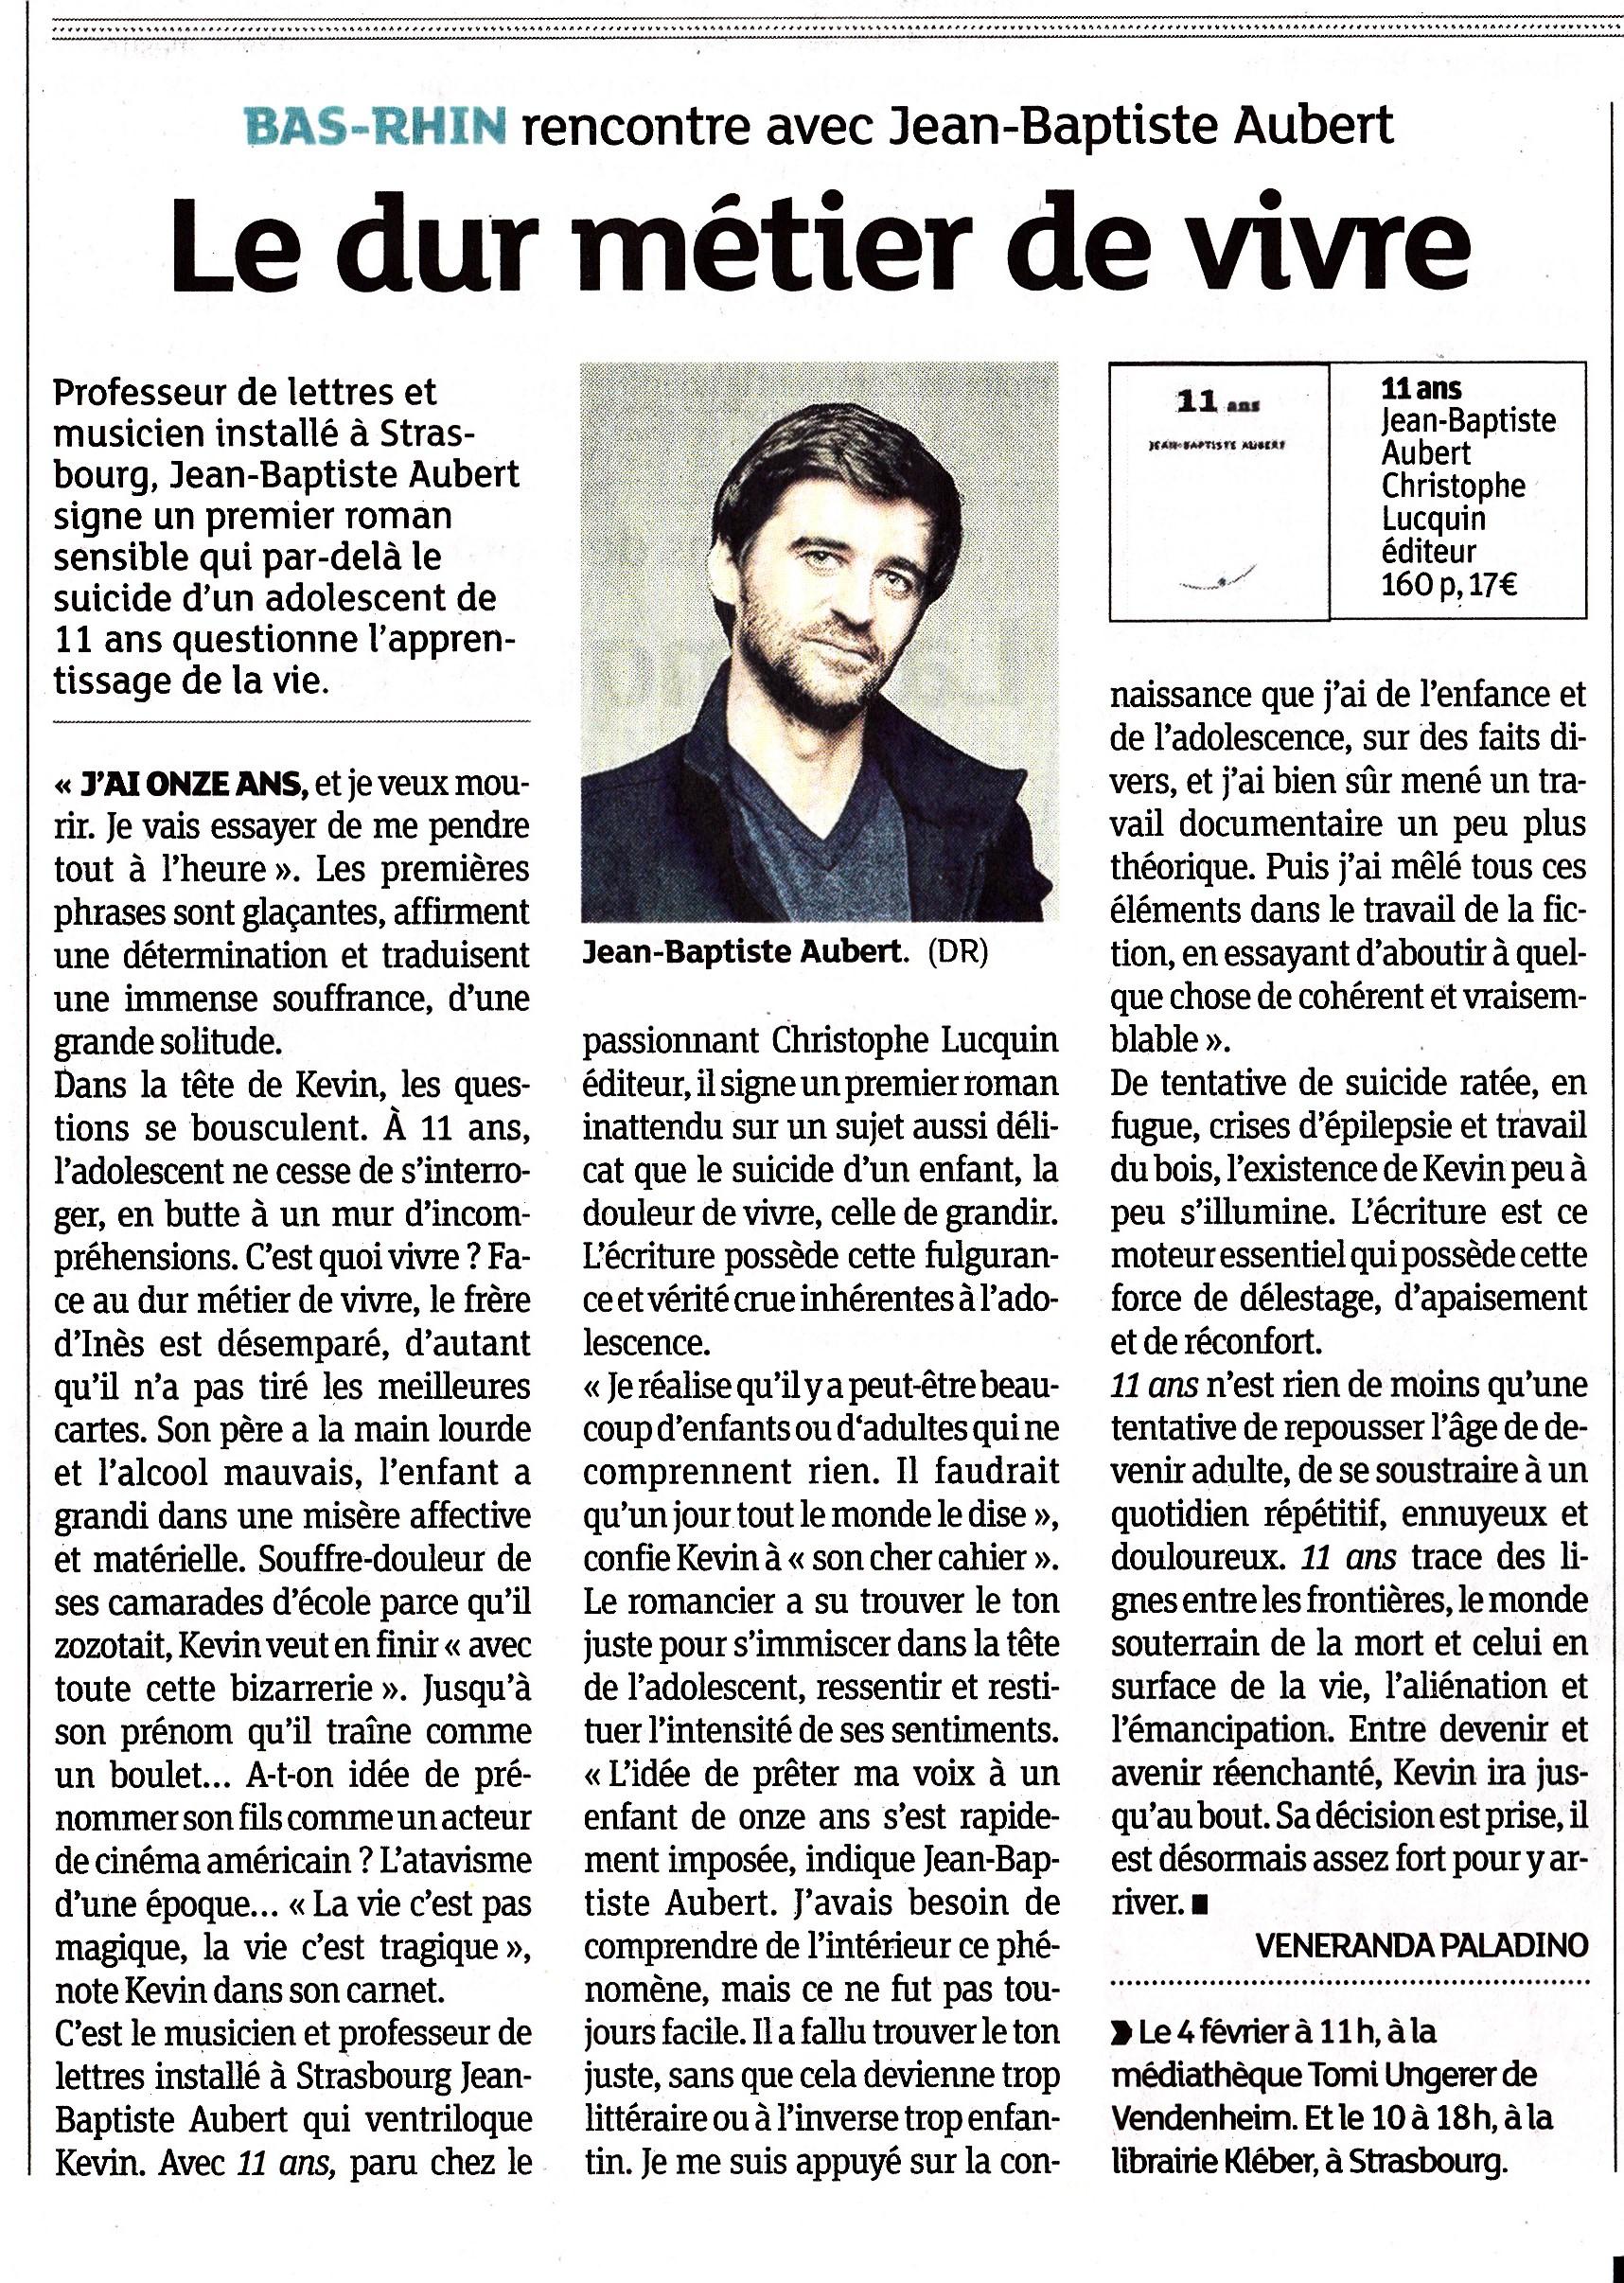 Les Dernières Nouvelles d'Alsace, édition du 4 février 2017.